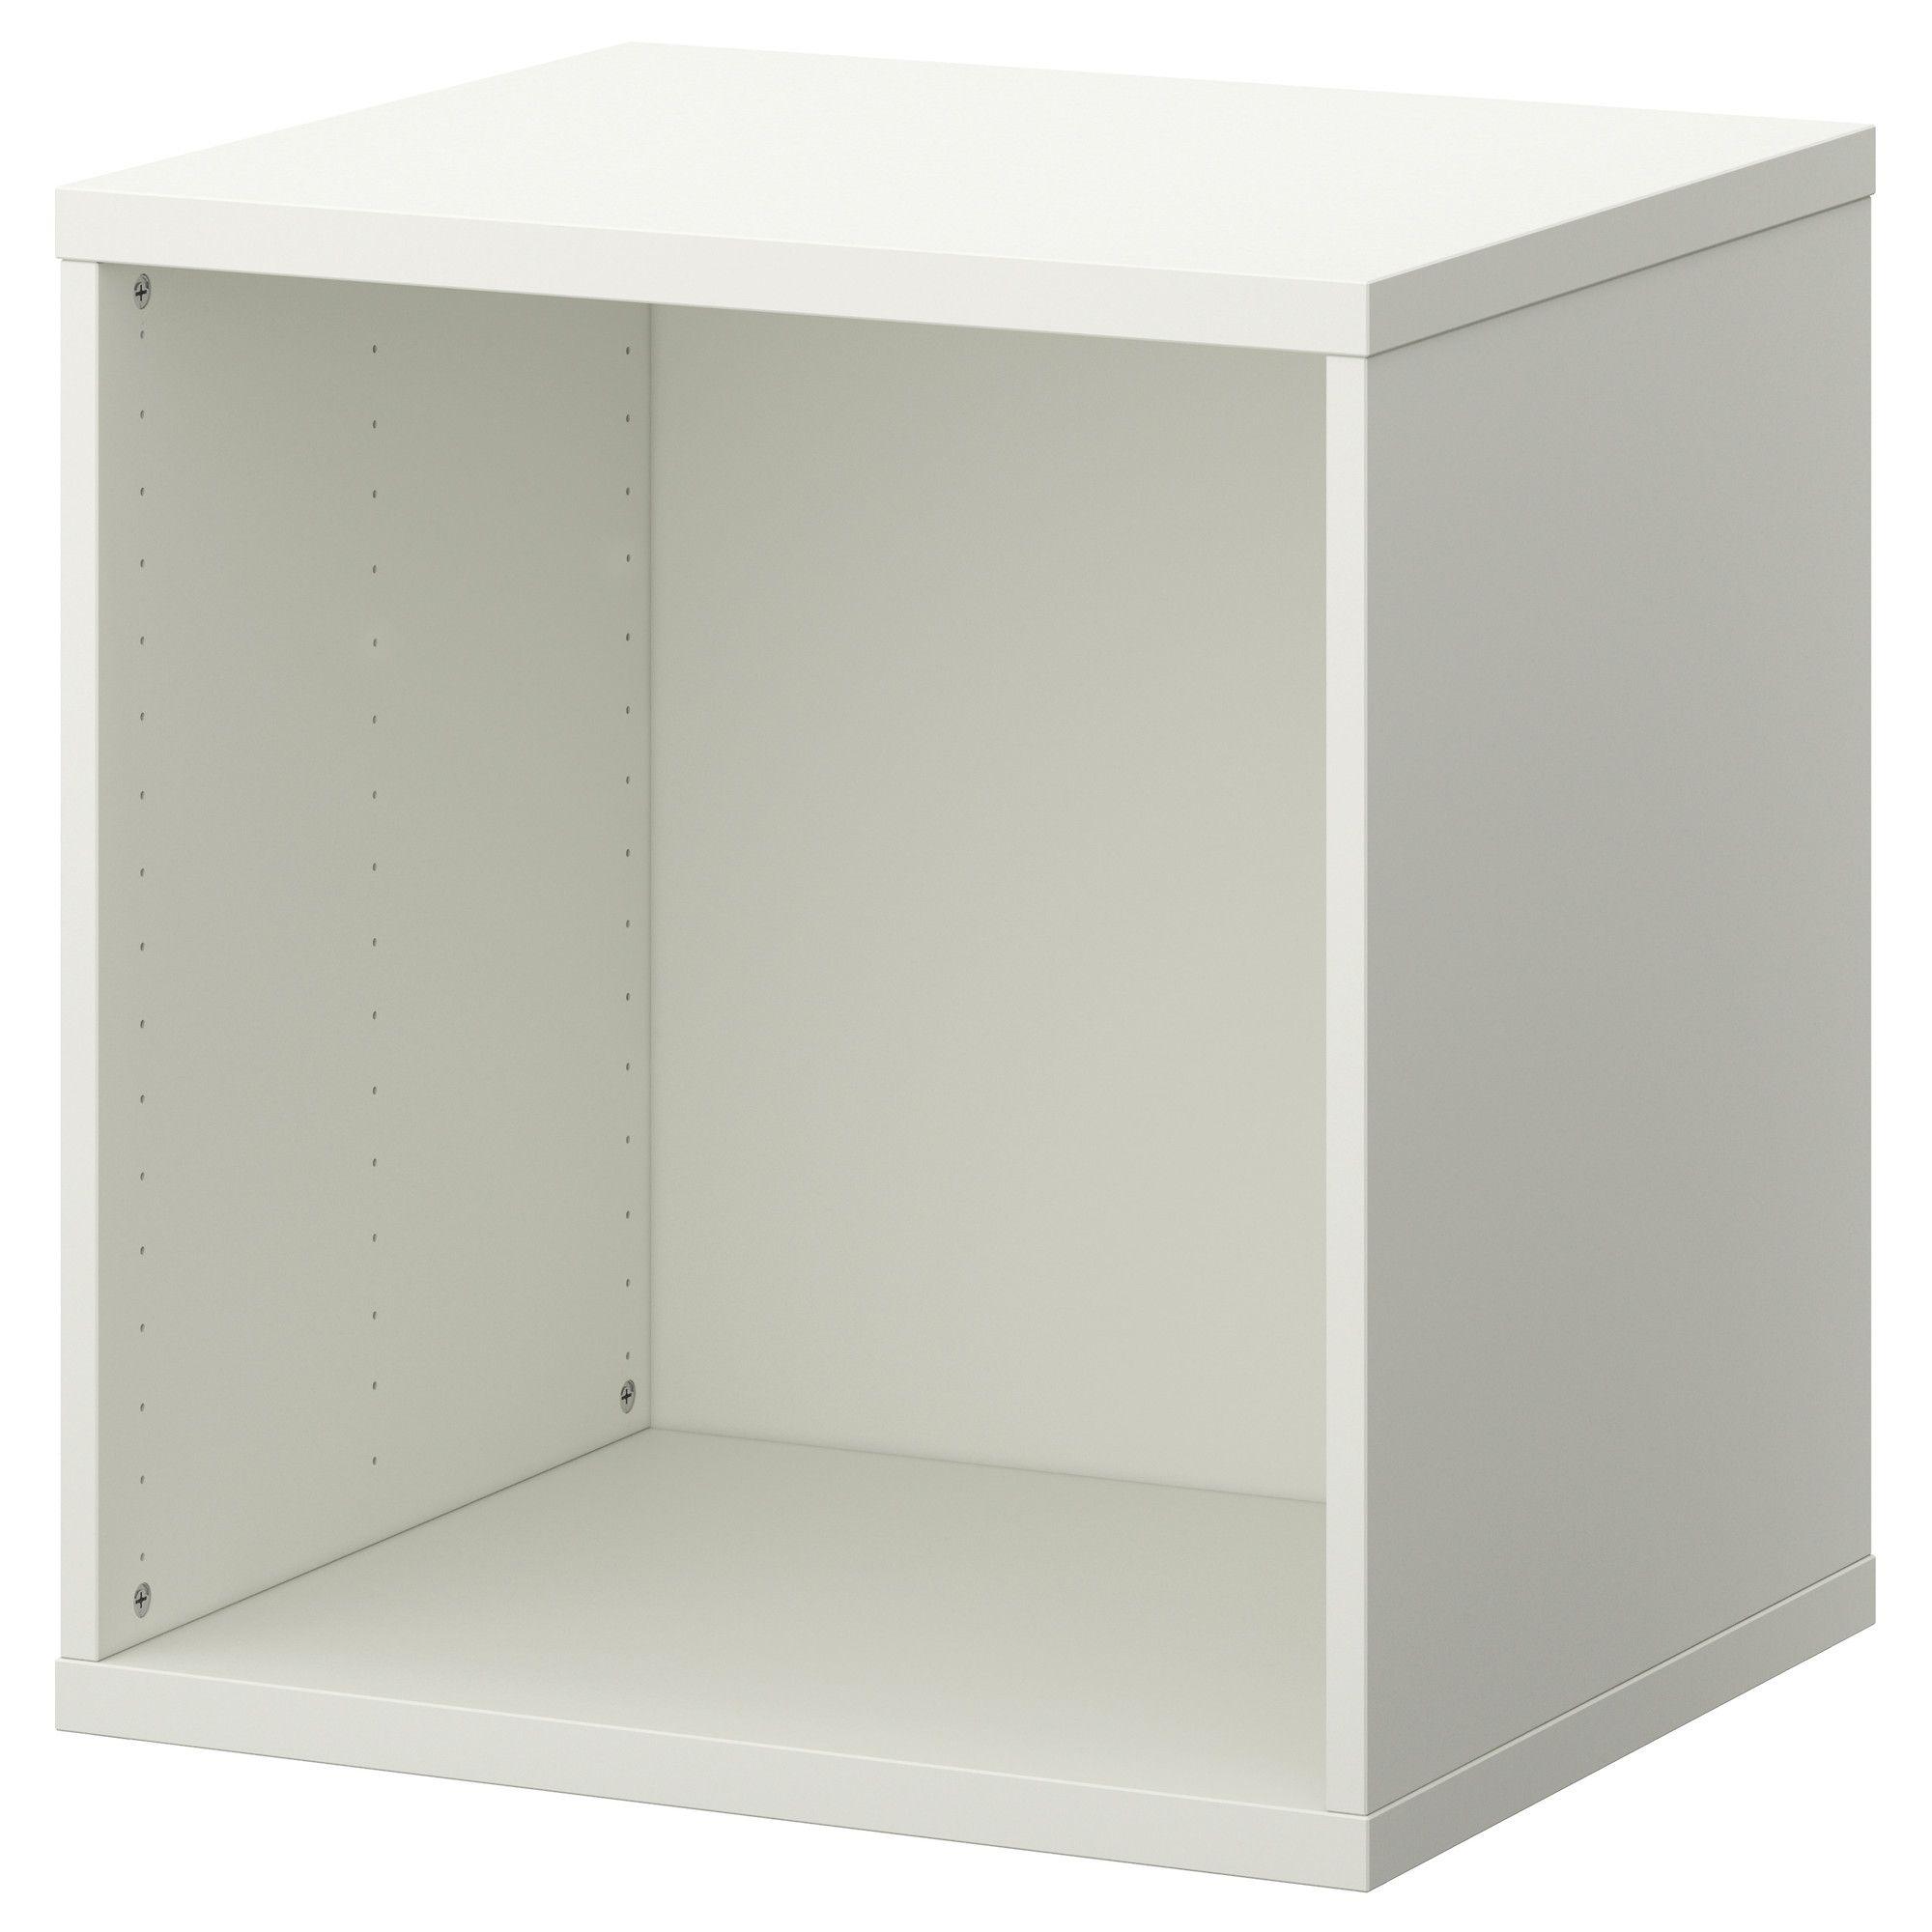 STUVA Frame - IKEA 23 5/8 x 19 5/8 x 25 1/4 $29 Shelf is $5 ...